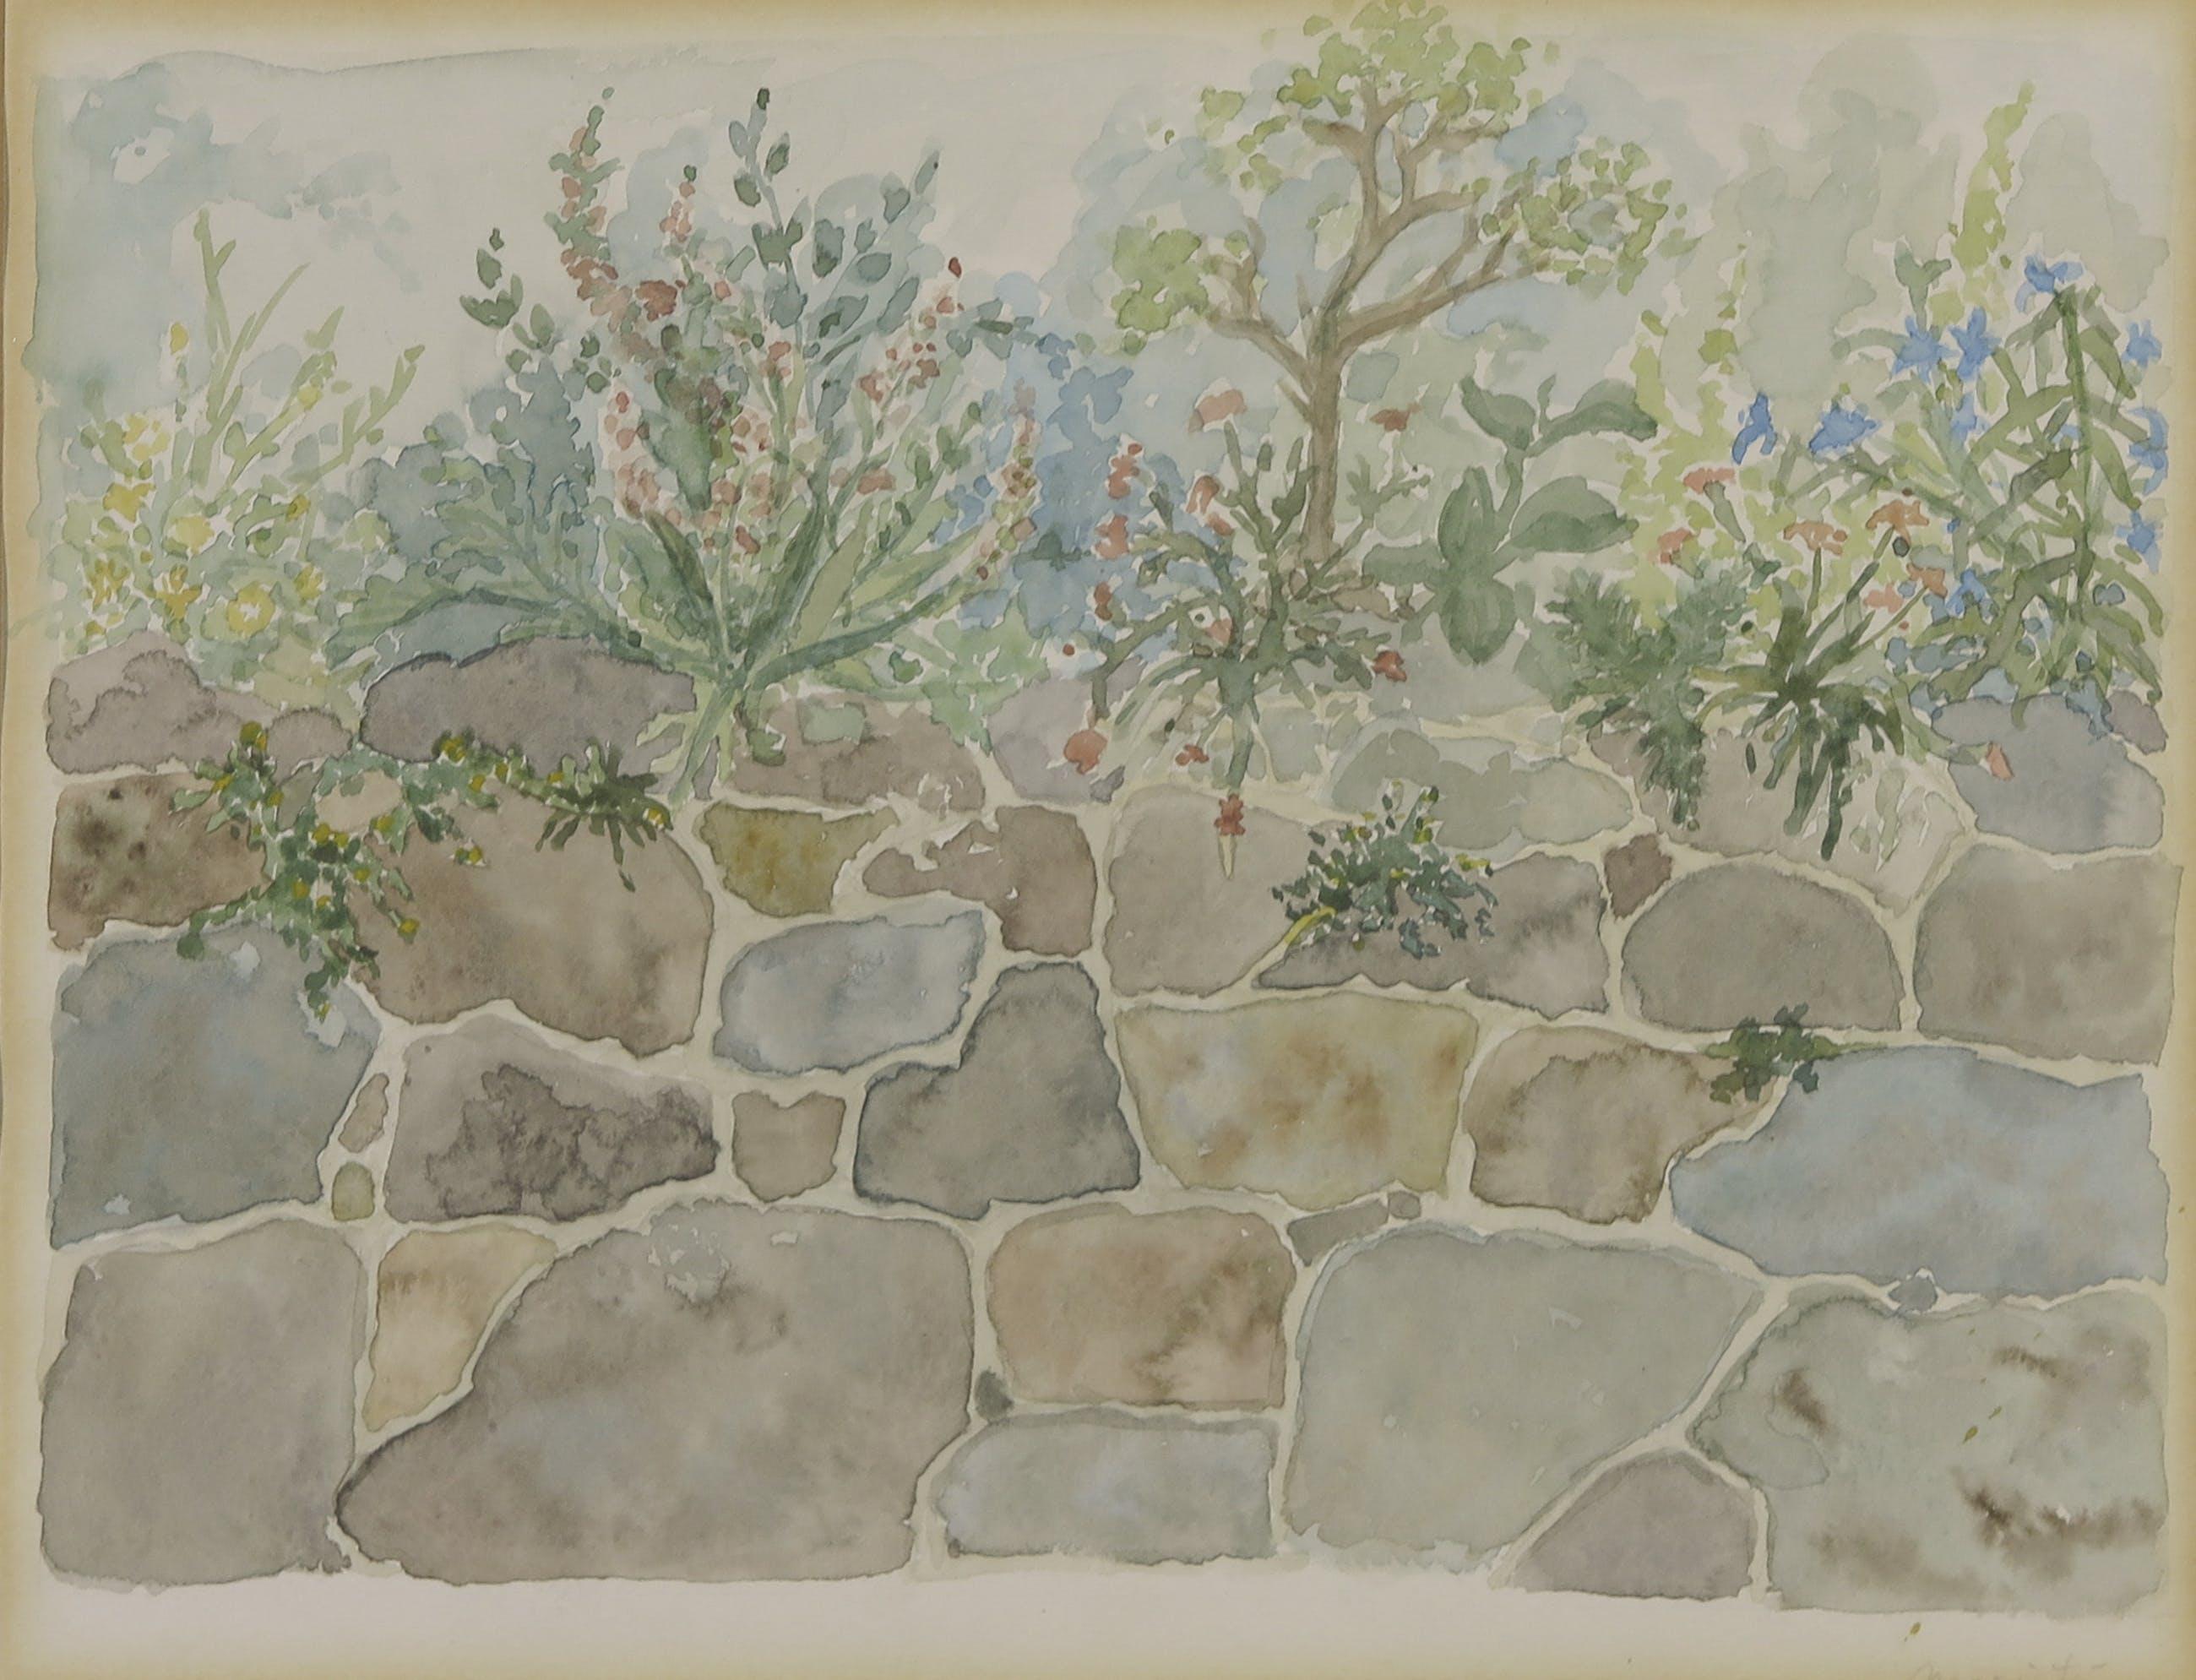 Niet of onleesbaar gesigneerd - Aquarel, Stenen muurtje met planten - Ingelijst kopen? Bied vanaf 1!